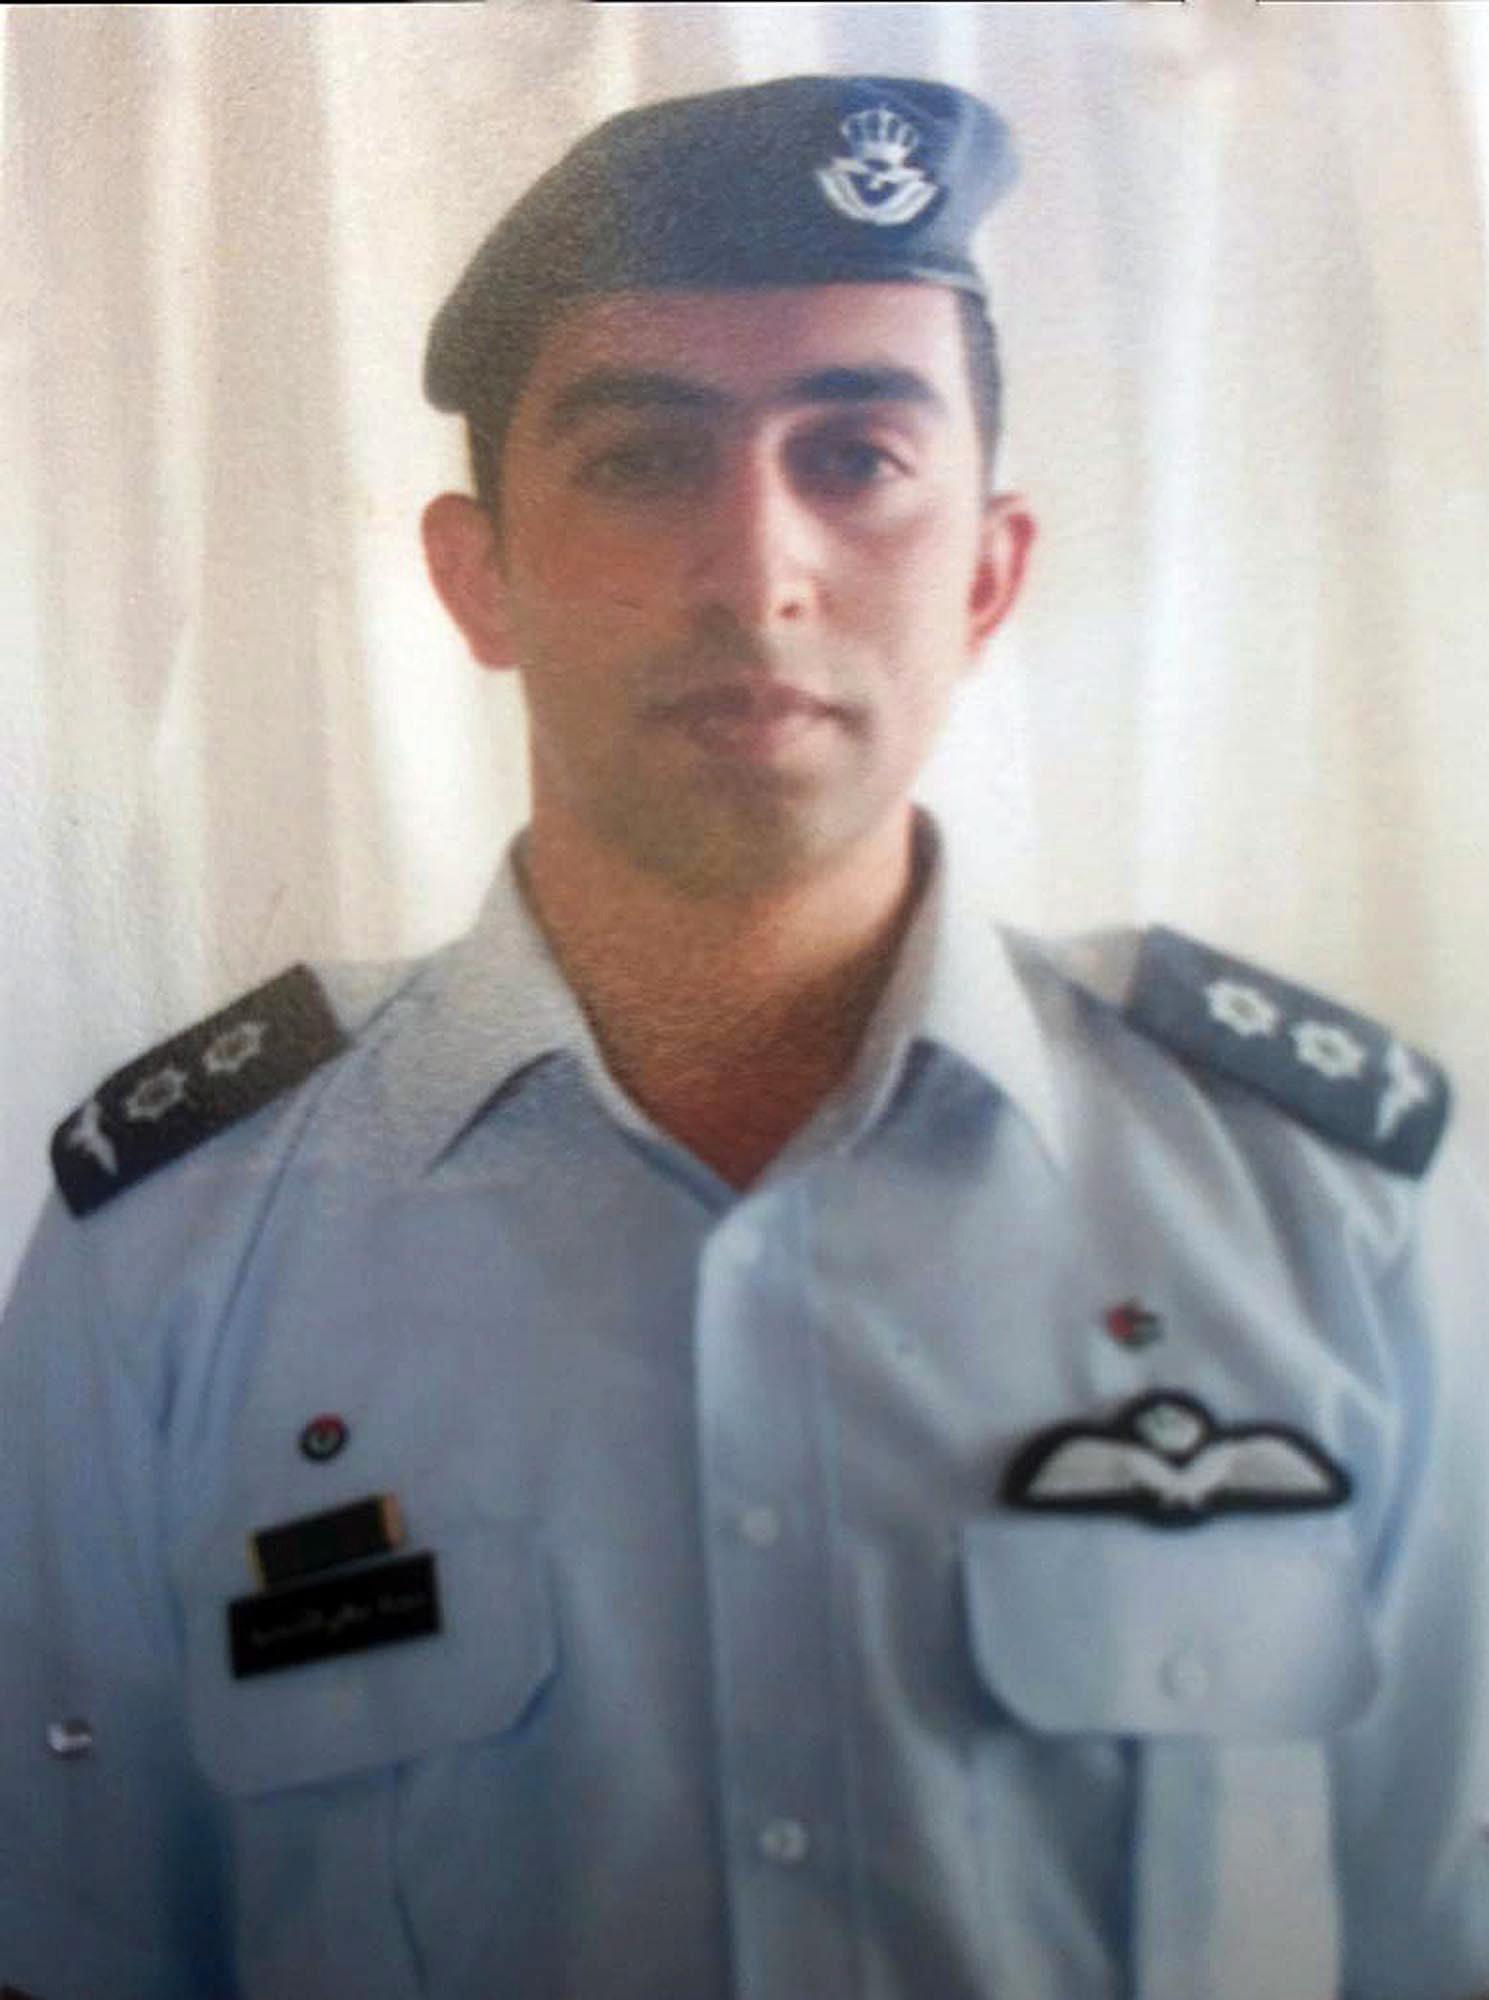 Det pågick förhandlingar mellan Jordanien och terrorgruppen IS för att Jordanien skulle få åter stridspiloten Moaz al-Kasasbeh som tillfångatogs sedan hans plan störtat i Syrien. Men förhandlingarna bröt samman då IS inte kunde presentera några bevis på att piloten fanns vid liv –och strax därefter publicerades en video som visade hur han levande bränts ihjäl.